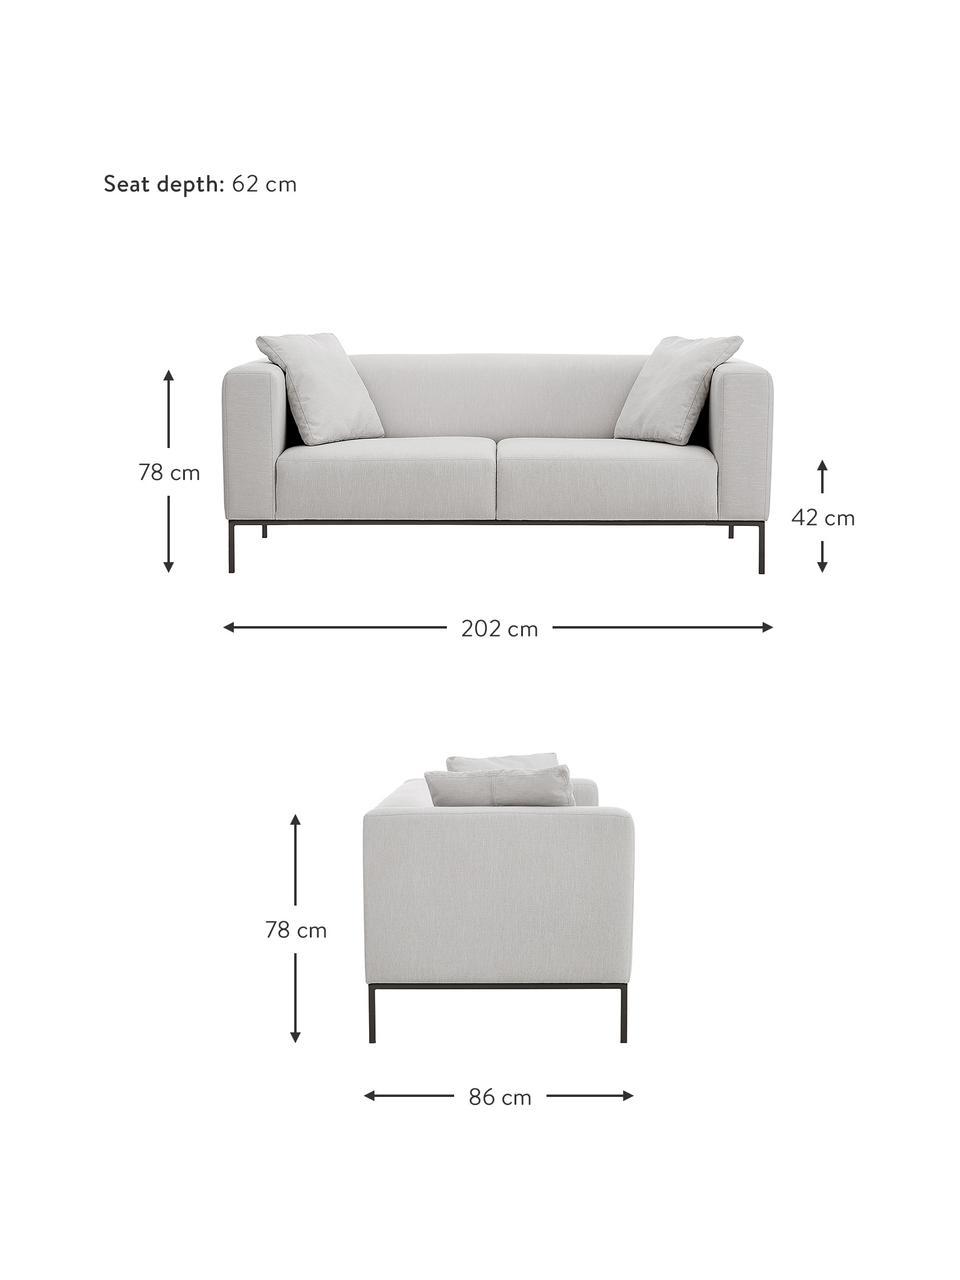 Sofa z metalowymi nogami Carrie (3-osobowa), Tapicerka: poliester 50 000 cykli w , Tapicerka: wyściółka z pianki na zaw, Nogi: metal lakierowany, Szary, S 202 x G 86 cm